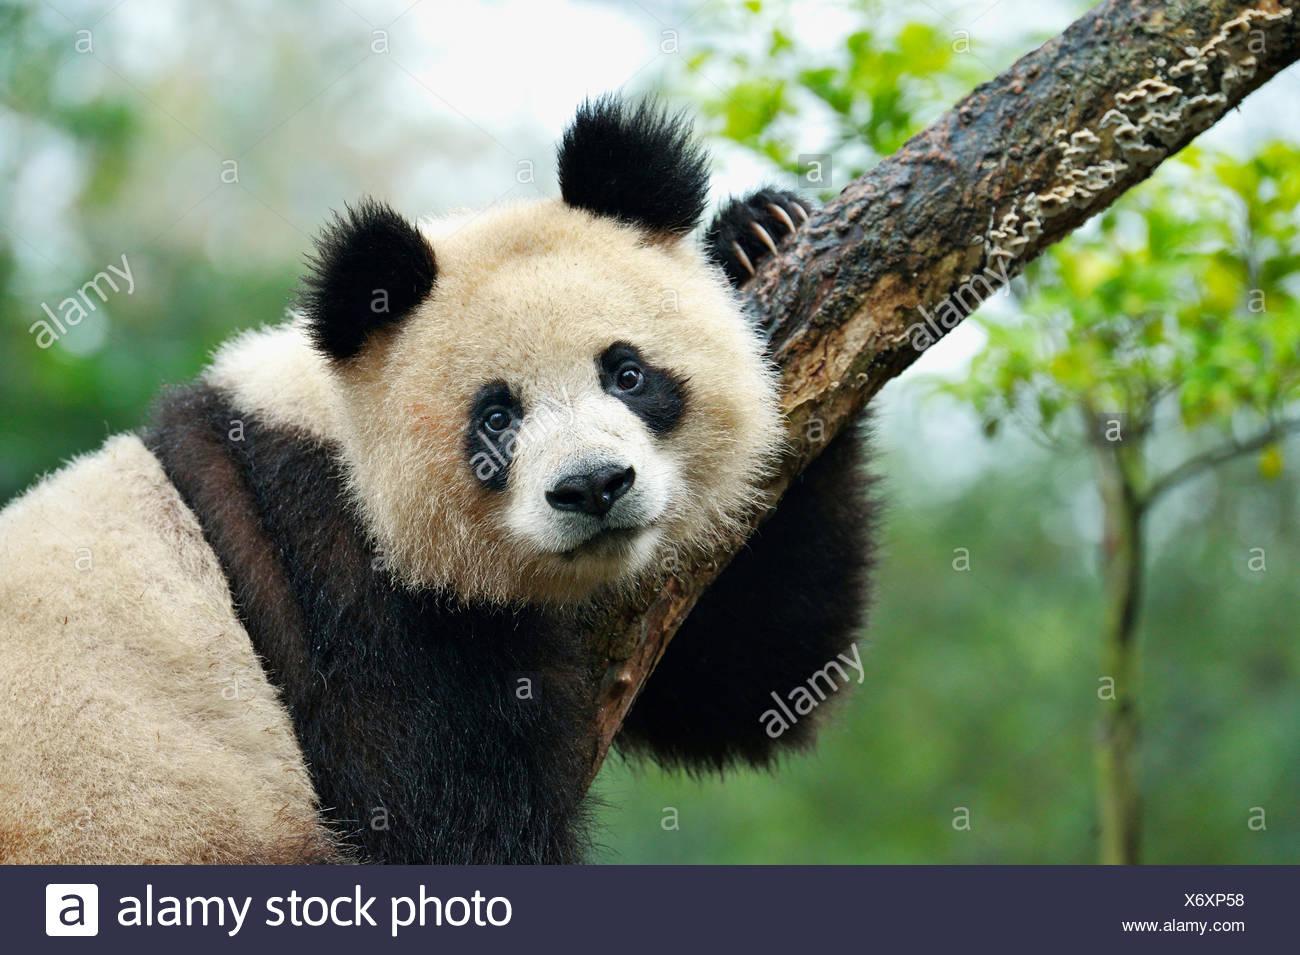 Panda gigante (Ailuropoda melanoleuca) appollaiato su un albero, captive, Chengdu Research Base del Panda Gigante di allevamento o di Chengdu Panda Immagini Stock